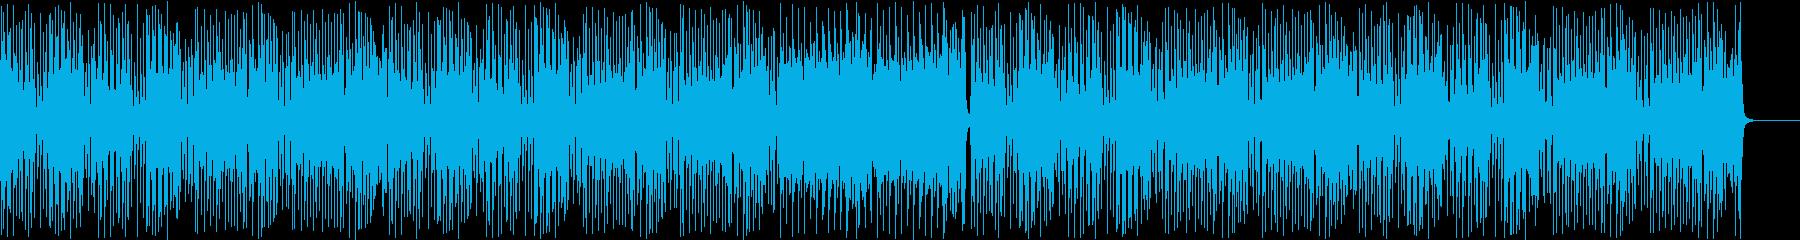 疾走感溢れる高速ジプシージャズの再生済みの波形